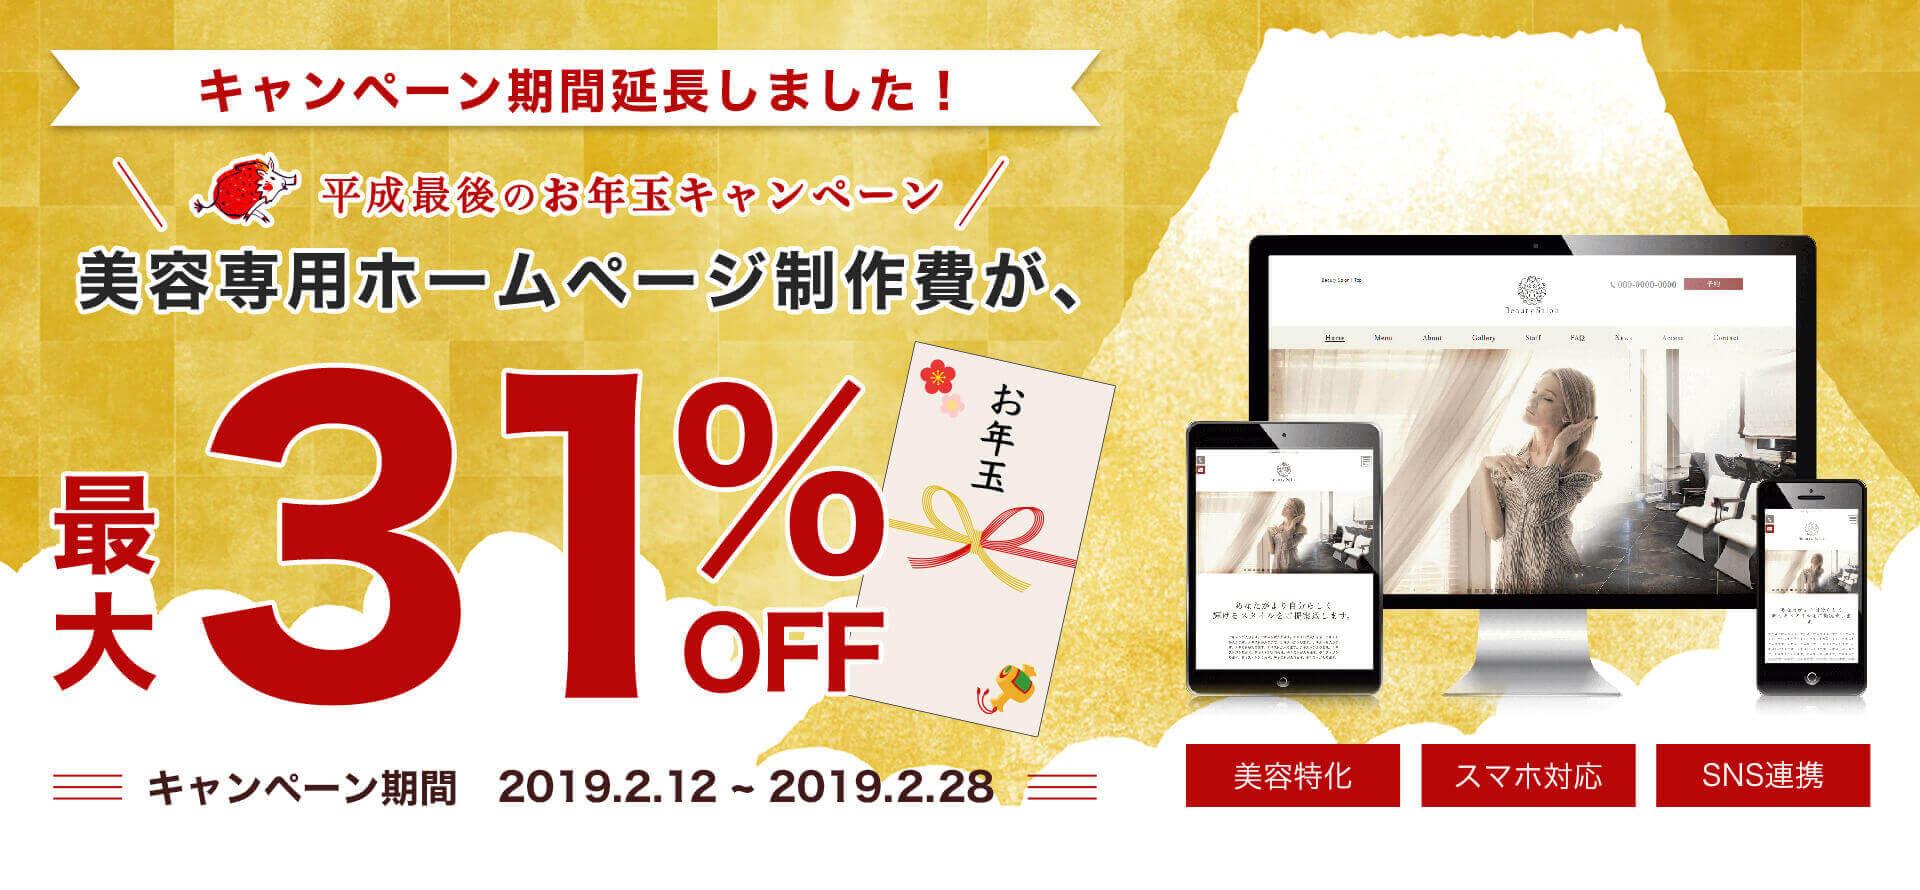 平成最後のお年玉キャンペーン! 美容専用ホームページが最大31%OFF